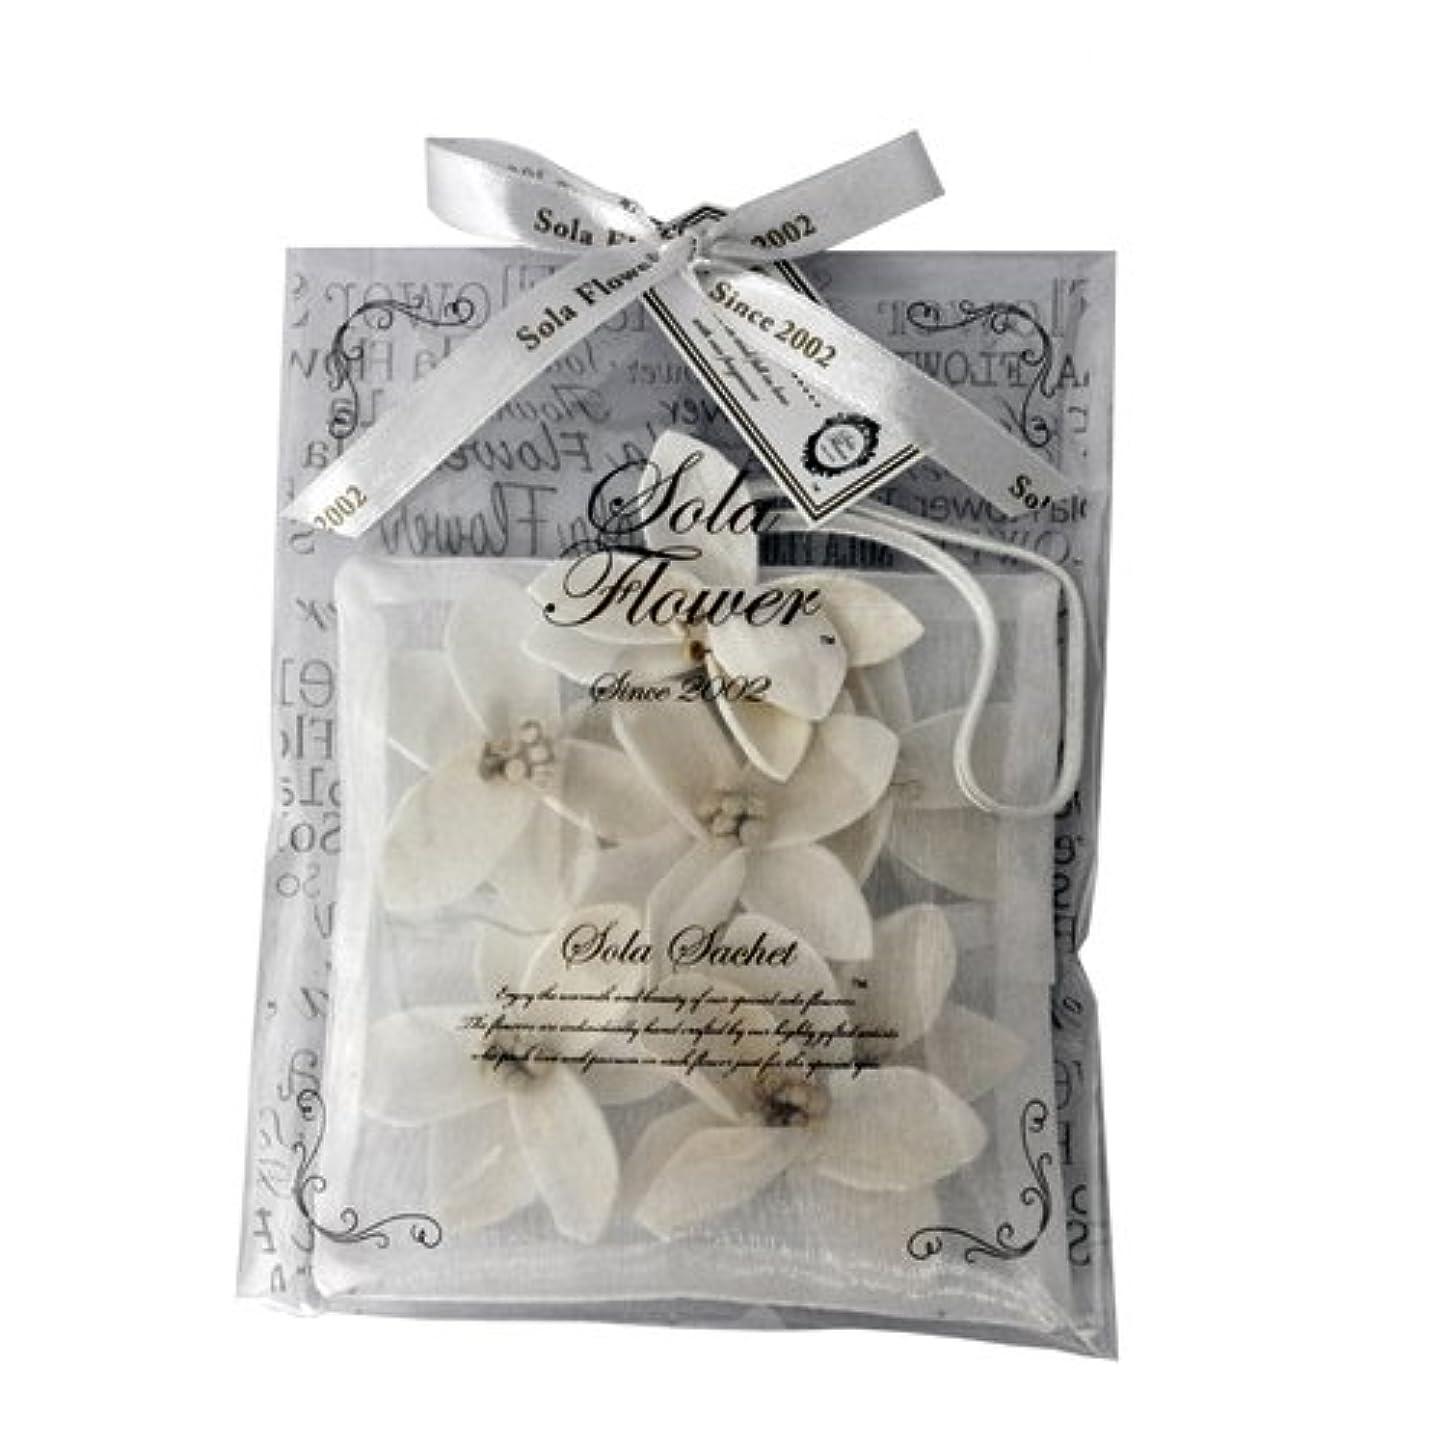 倫理的郊外米国new Sola Flower ソラフラワー サシェ Original Rose オリジナルローズ オーガンジーパッケージ Sachet